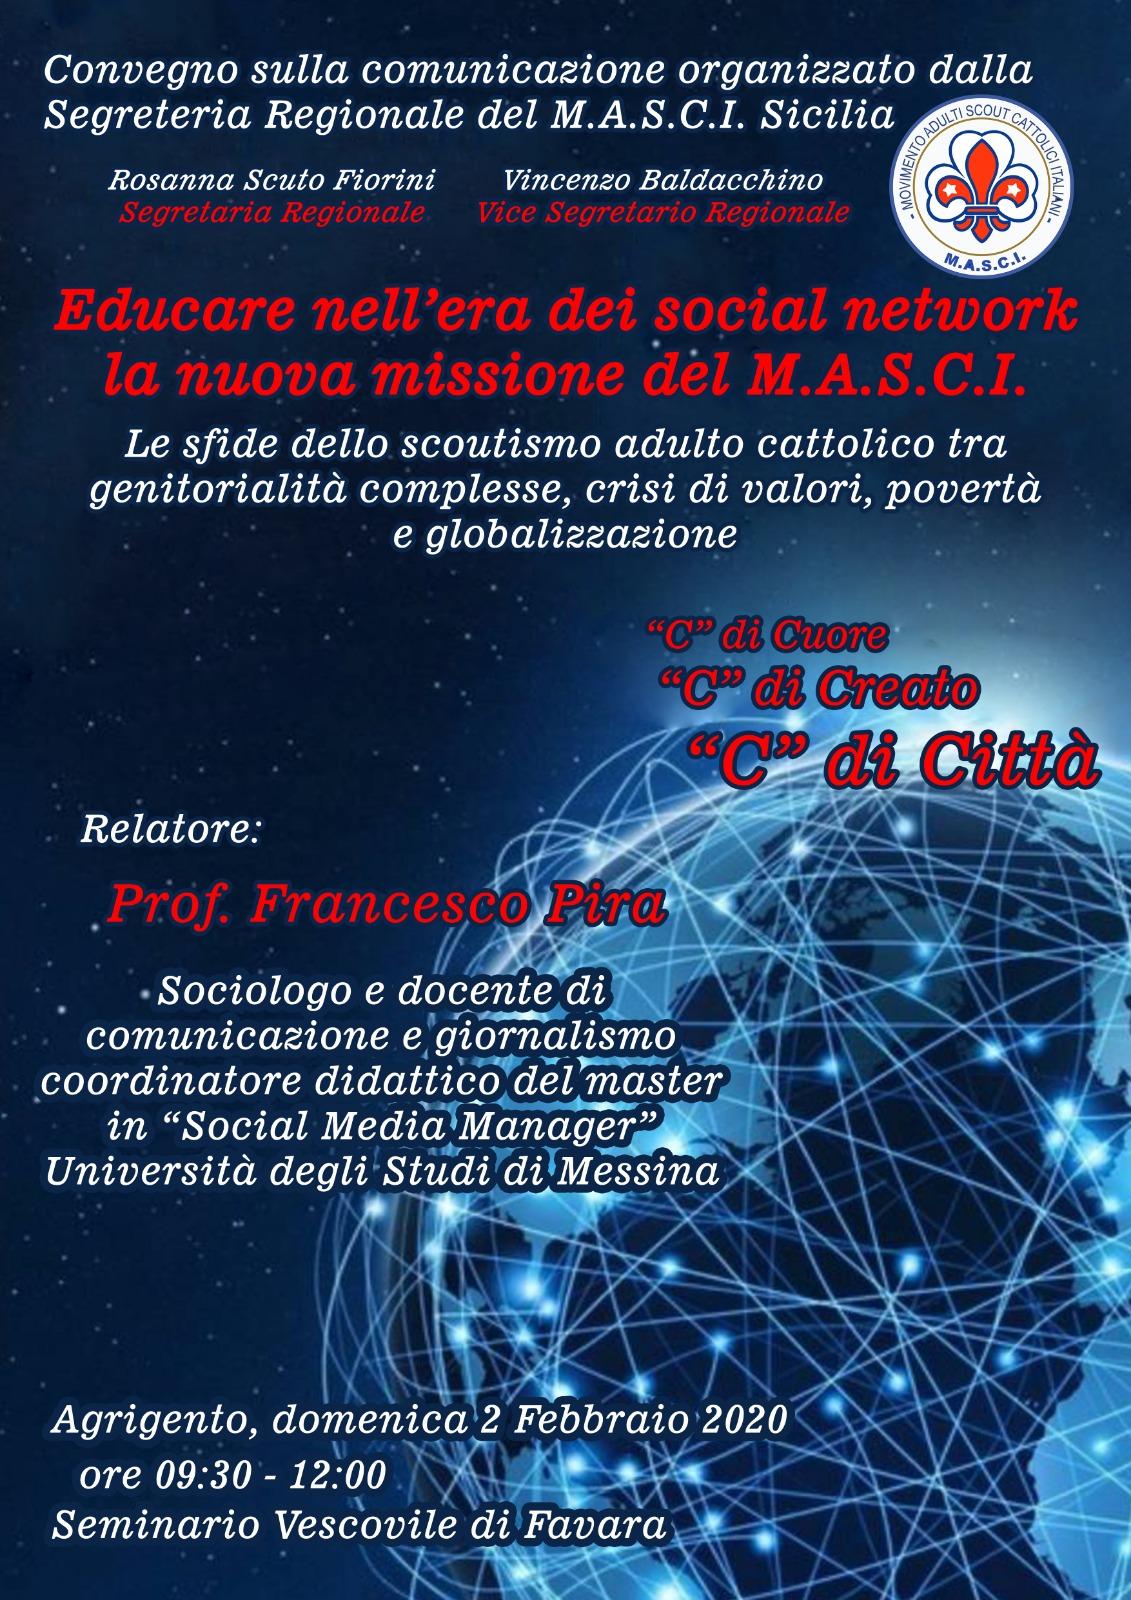 Favara, convegno del MASCI Sicilia sull'educazione nell'era digitale